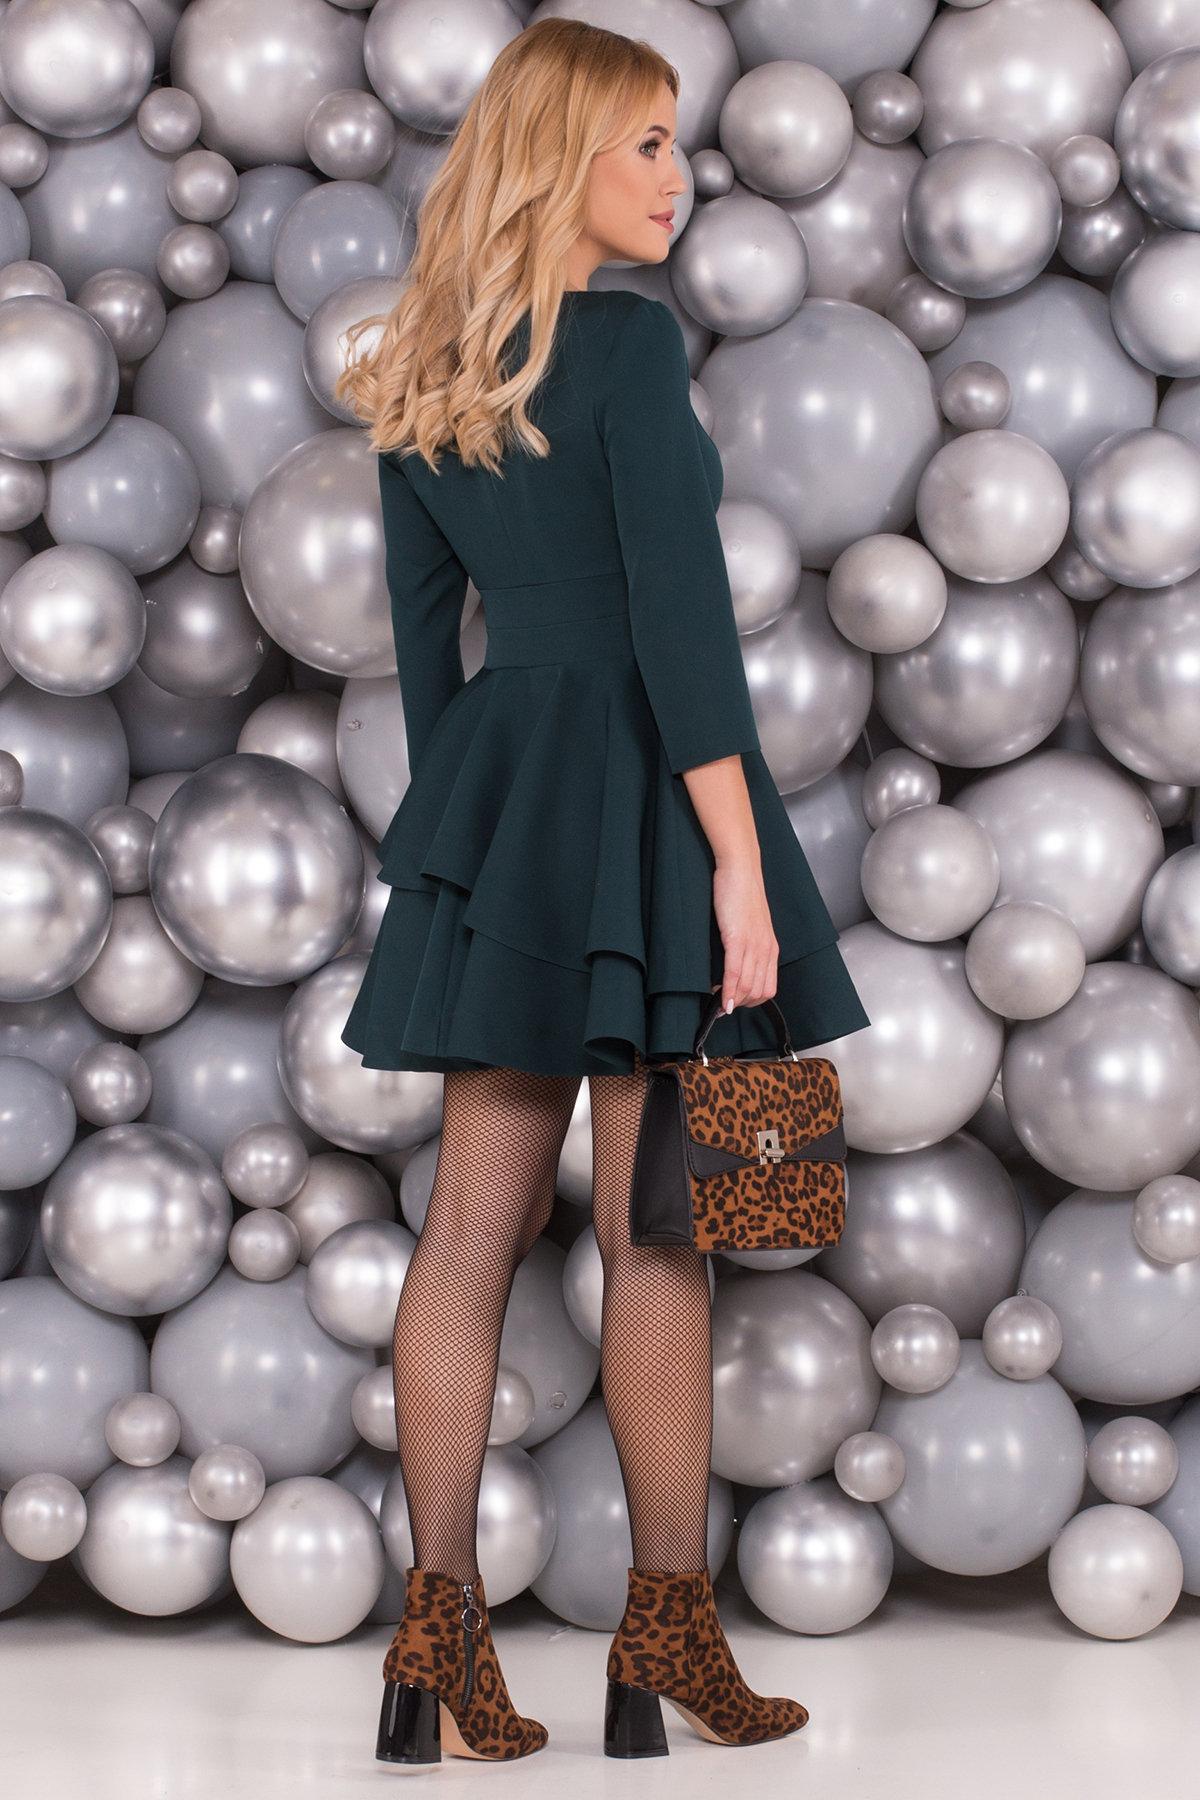 Платье Симур 5913 АРТ. 40633 Цвет: Т.зеленый - фото 2, интернет магазин tm-modus.ru